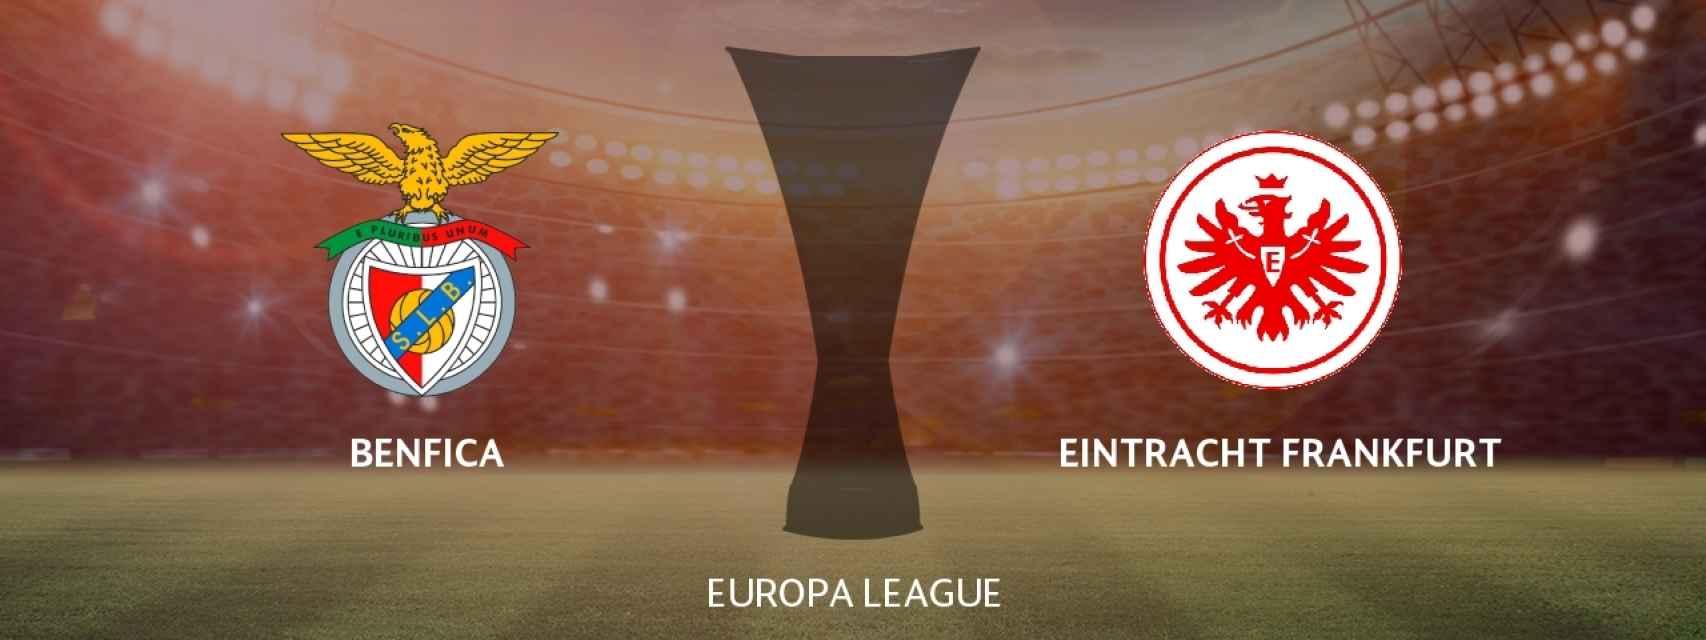 Benfica - Eintracht Frankfurt